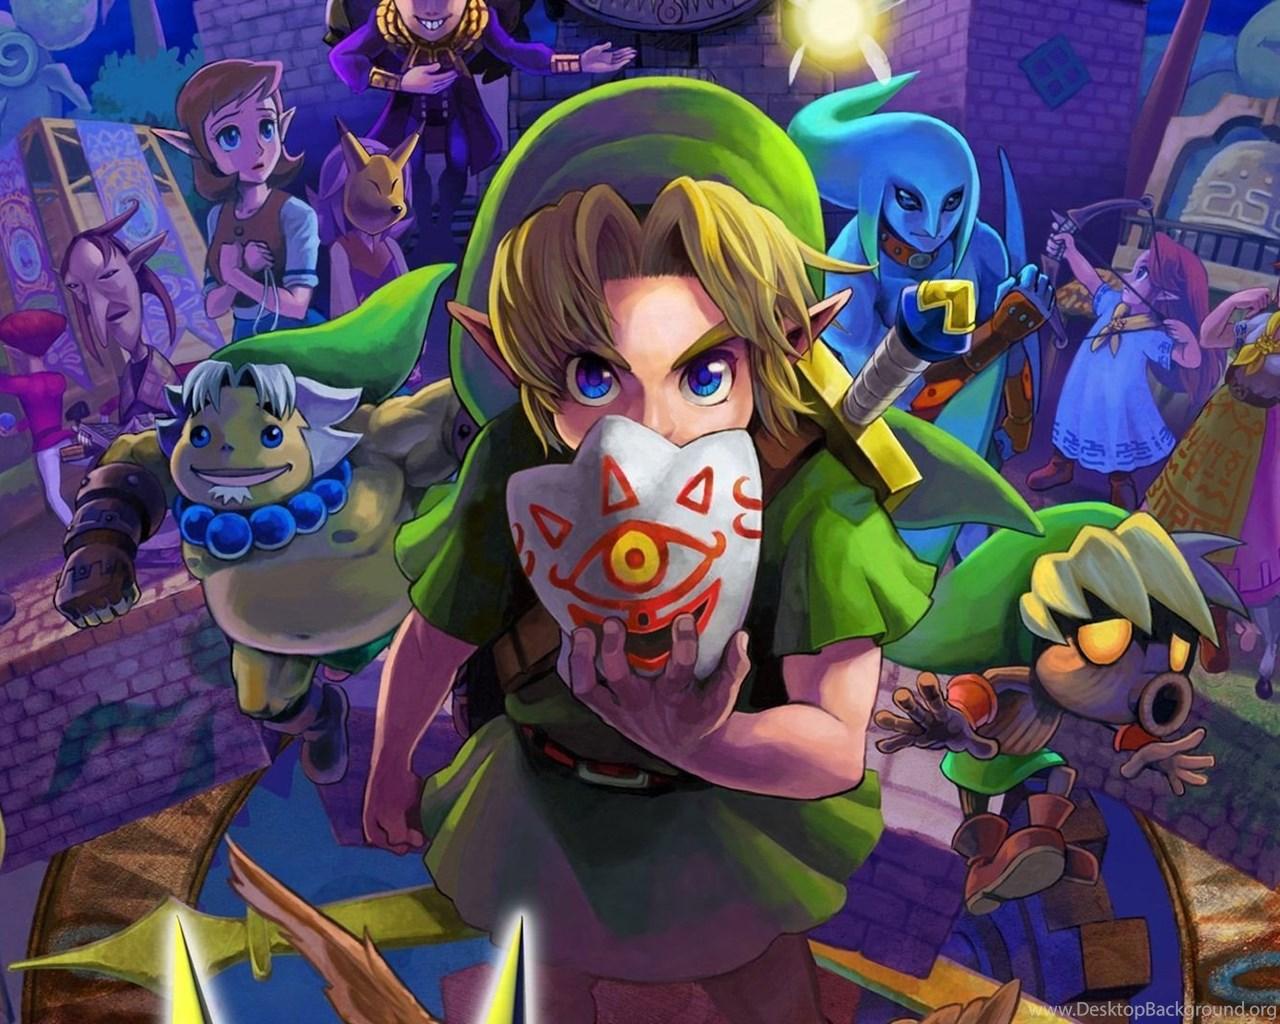 The Legend Of Zelda Majora S Mask Wallpapers 1080p Hd Desktop